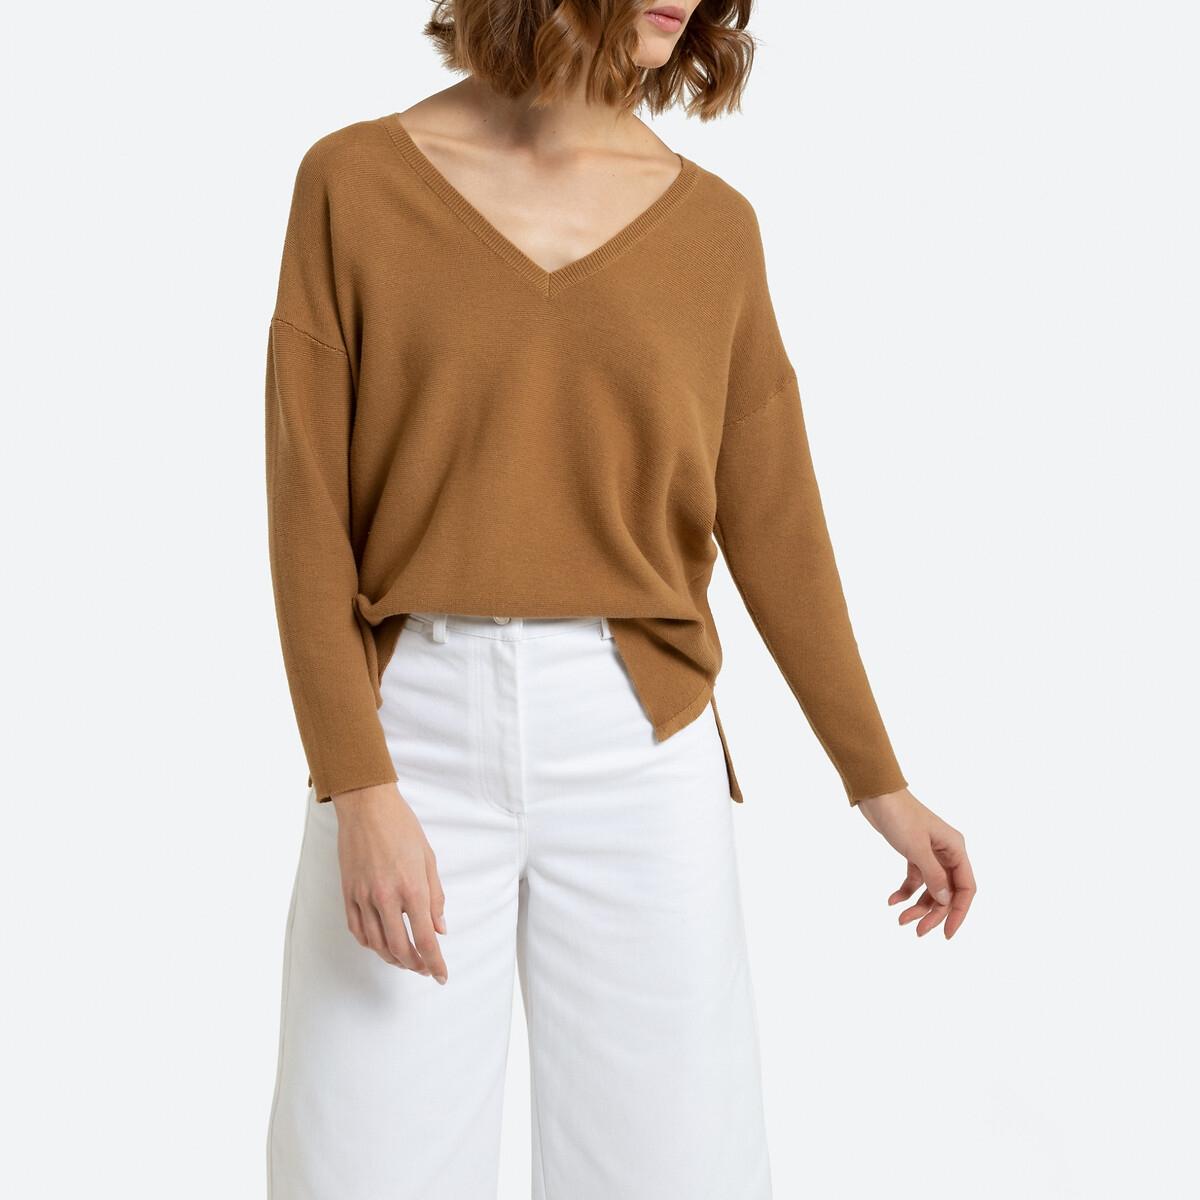 Пуловер La Redoute С V-образным вырезом из тонкого трикотажа XL каштановый пуловер la redoute с v образным вырезом из тонкого витого трикотажа m каштановый